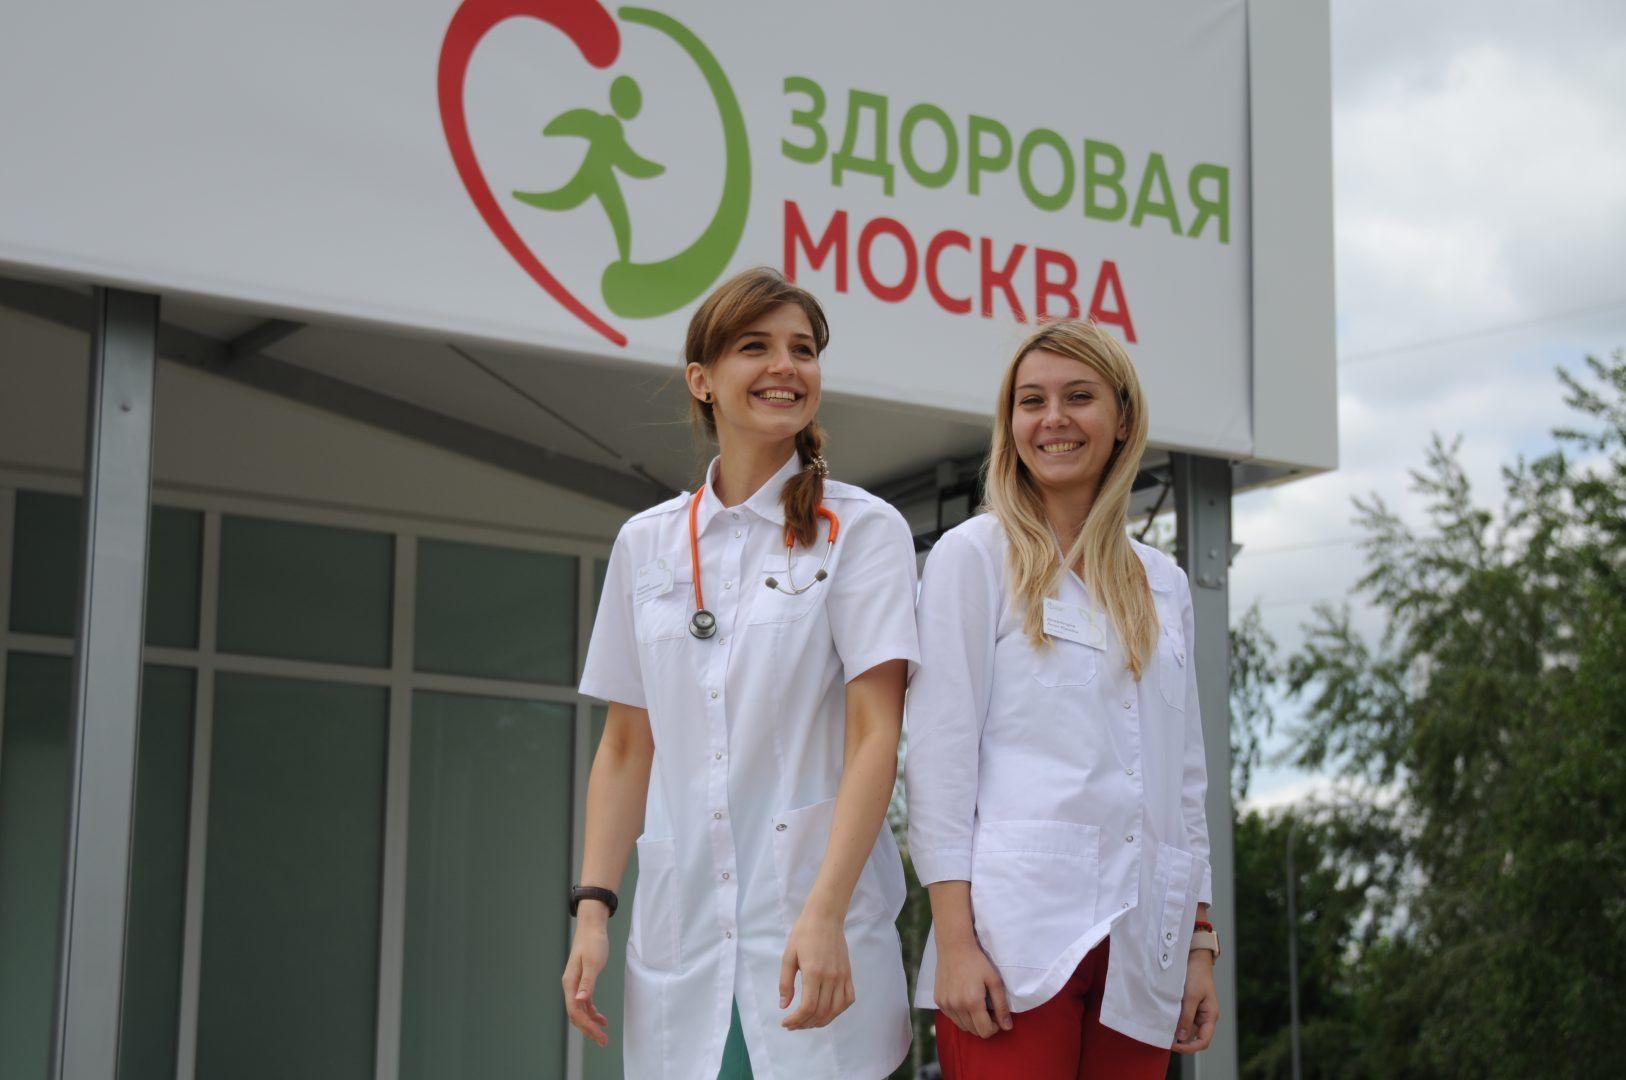 Всего в городе открыто 24 пункта «Здоровая Москва». Фото: Светлана Колоскова